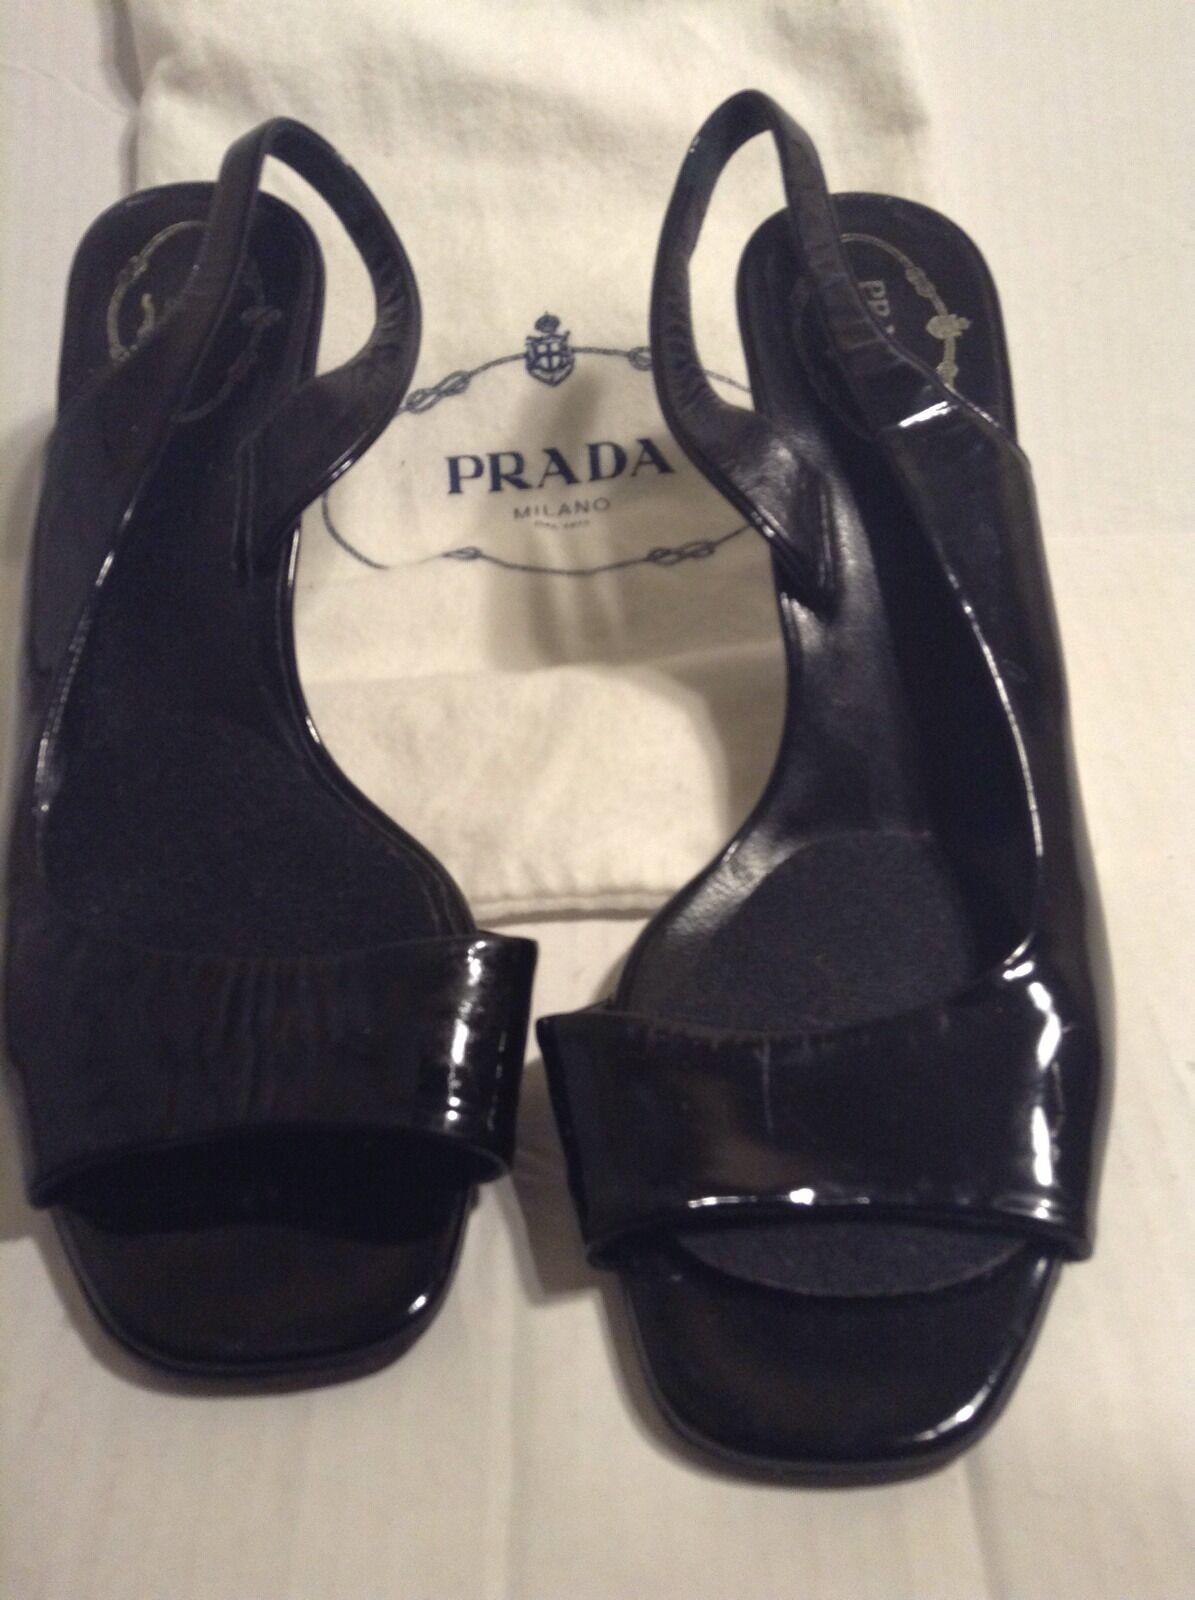 Adorable Auténtico Prada Negro Patente Slip On Tacones Talla Talla Talla 39  tiendas minoristas